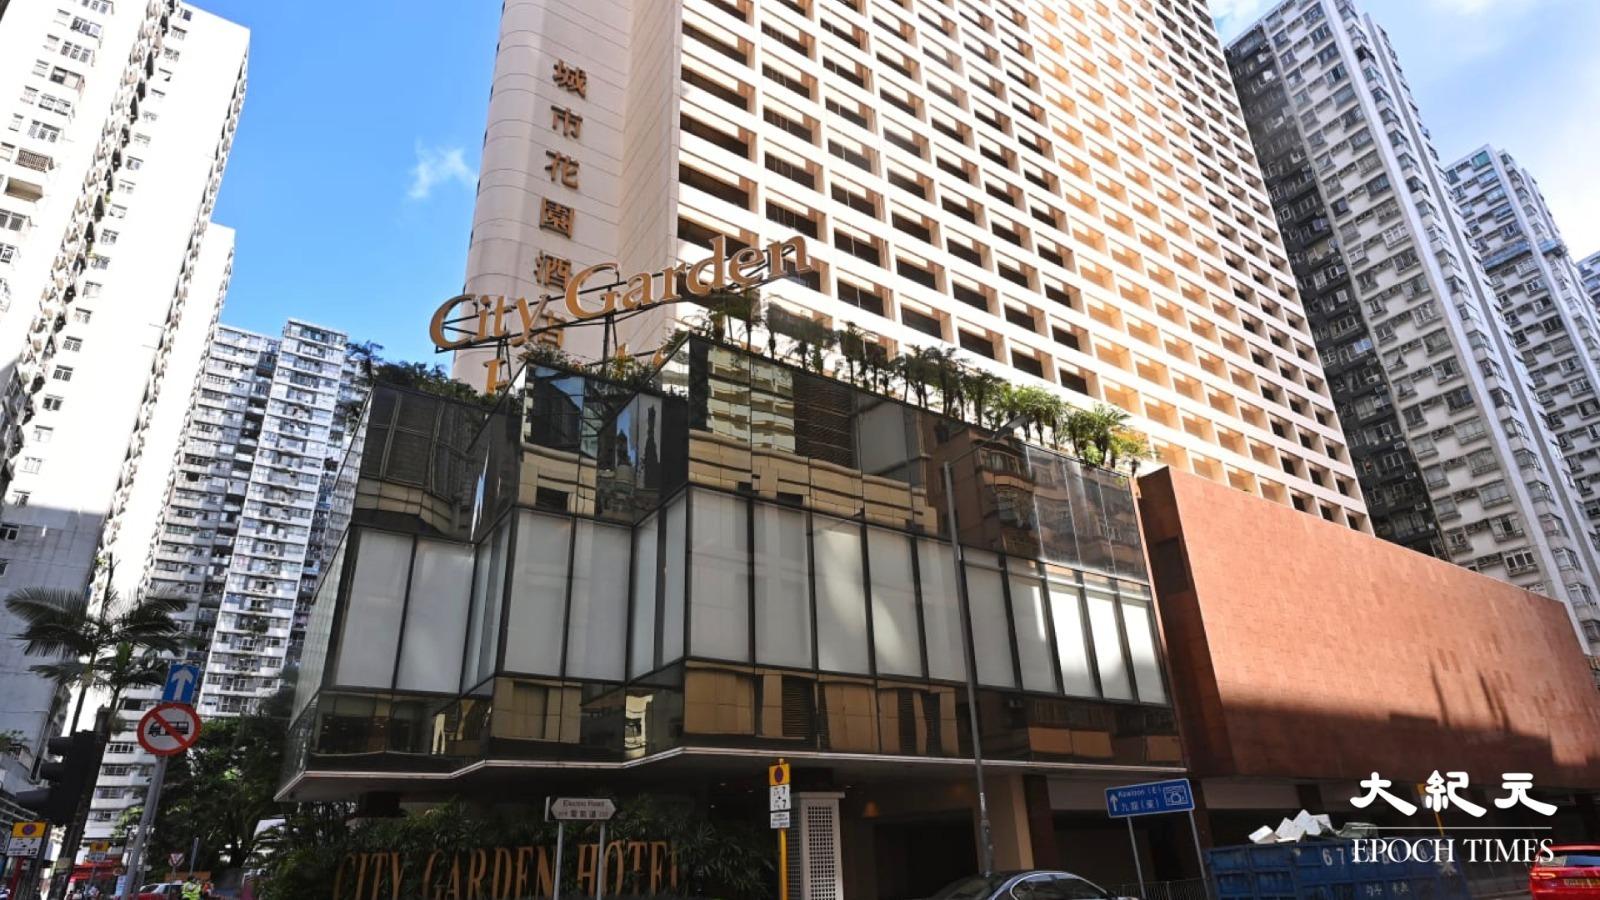 【圖片新聞】傳北角城市花園酒店將變成國安公署分部 疑有國安人員戒備